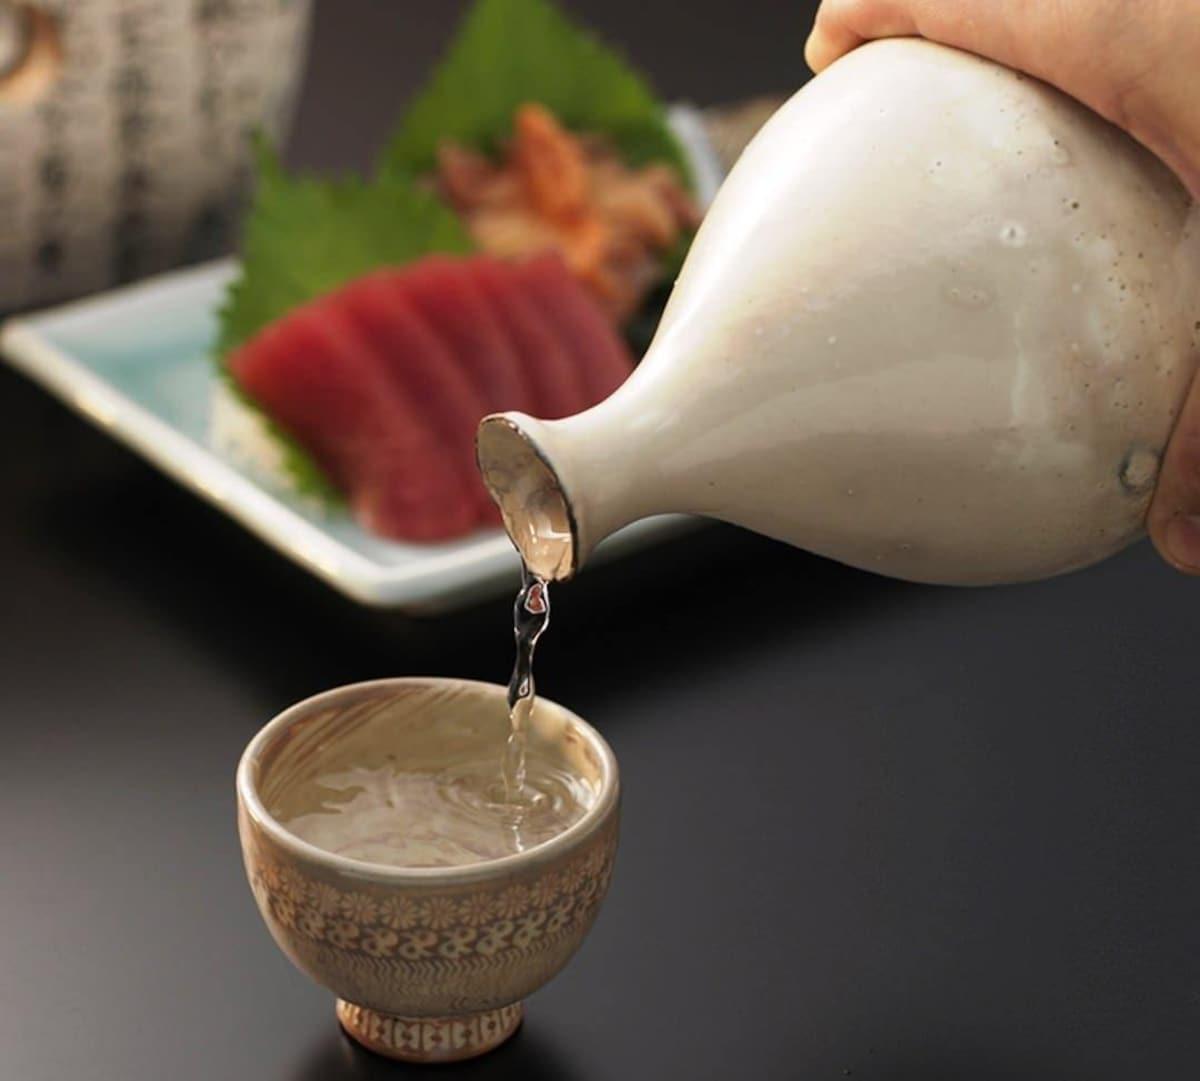 吃寿司的时候,喝什么?